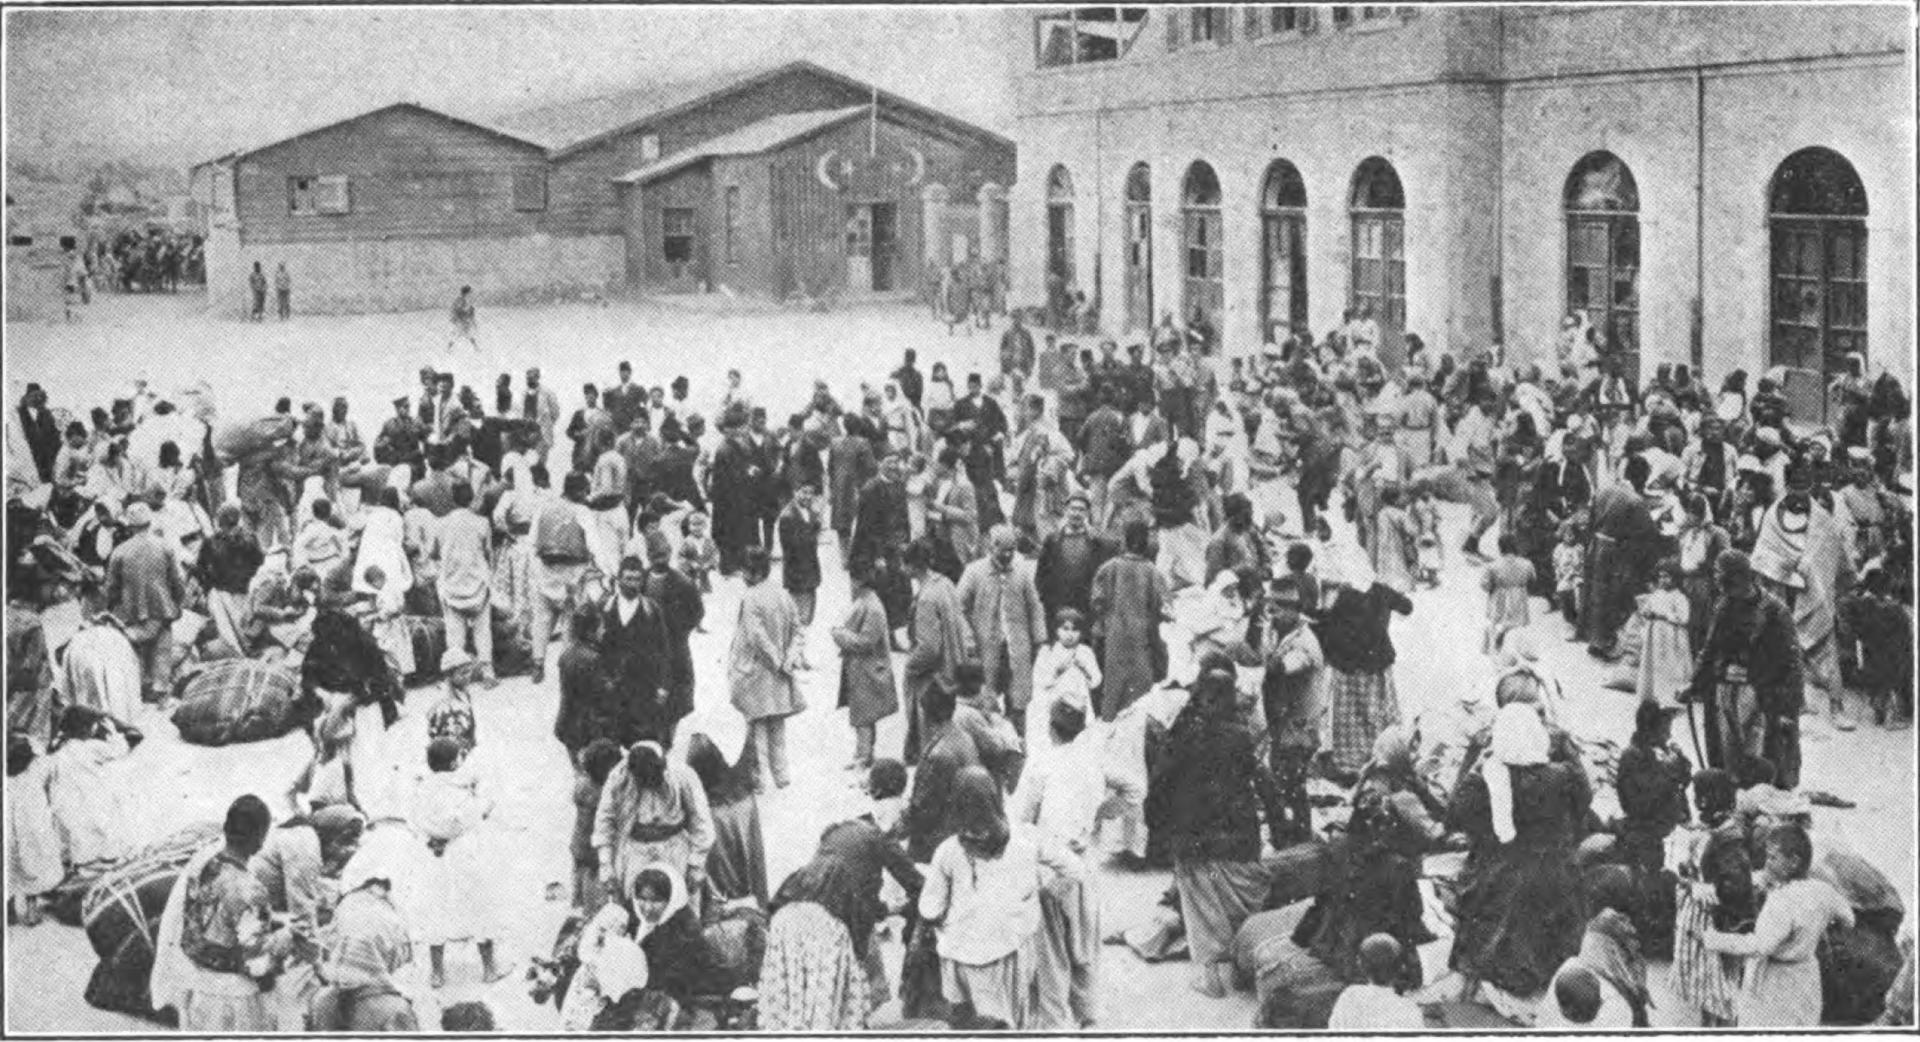 تجمع الأرمن في الميدان الرئيسي للمدينة بأمر من السلطات لترحيلهم لكن ذبحوا في النهاية (وكيميديا)